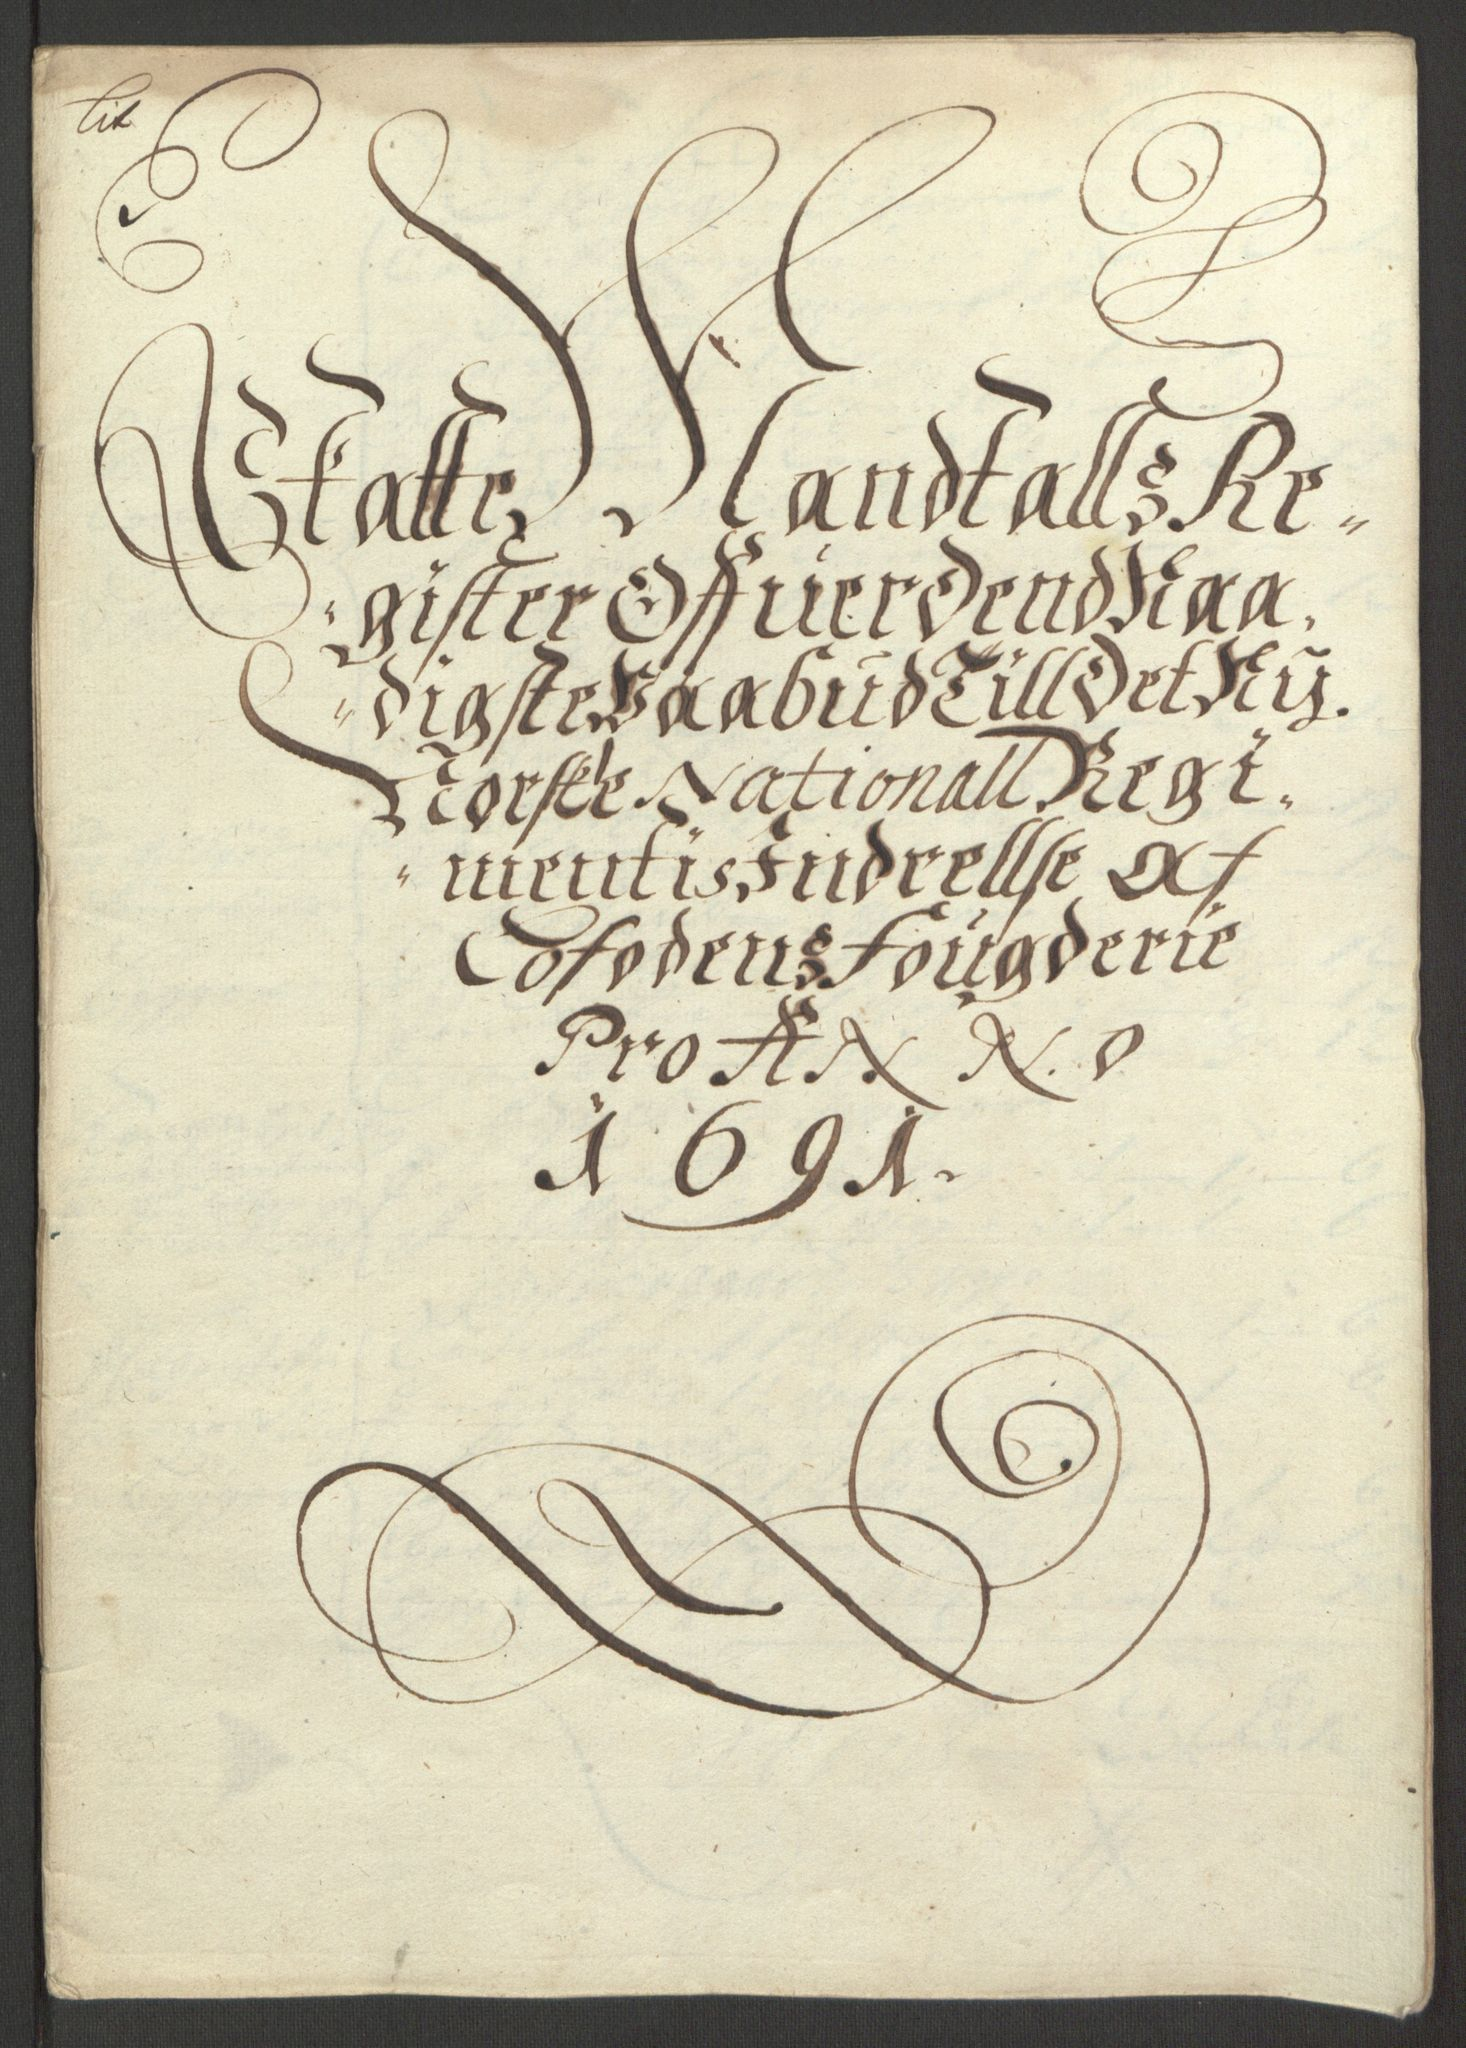 RA, Rentekammeret inntil 1814, Reviderte regnskaper, Fogderegnskap, R67/L4675: Fogderegnskap Vesterålen, Andenes og Lofoten, 1691-1693, s. 42